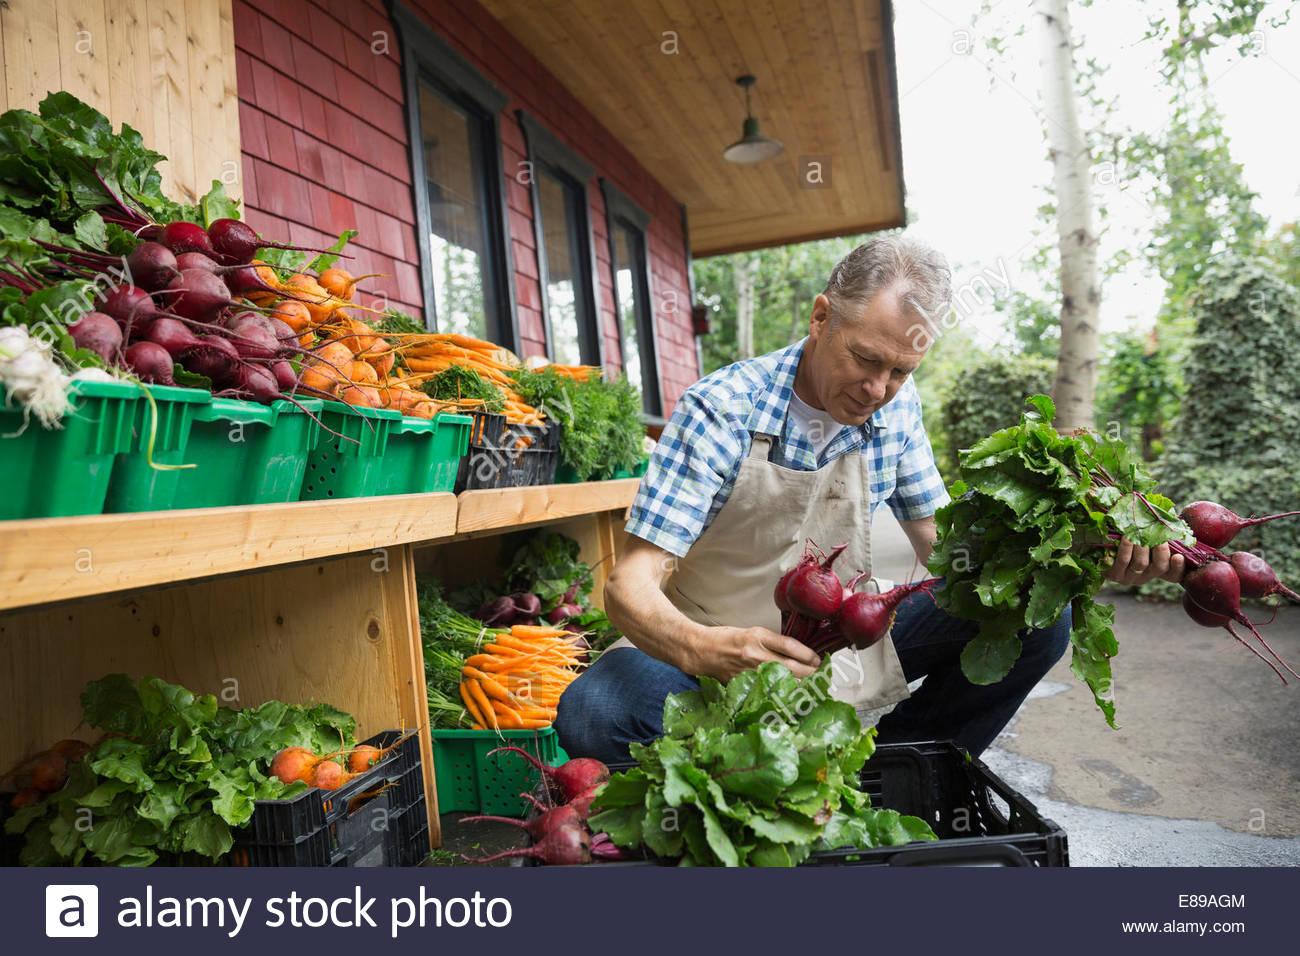 Arbeiter entladen Produkte außerhalb Markt Stockbild